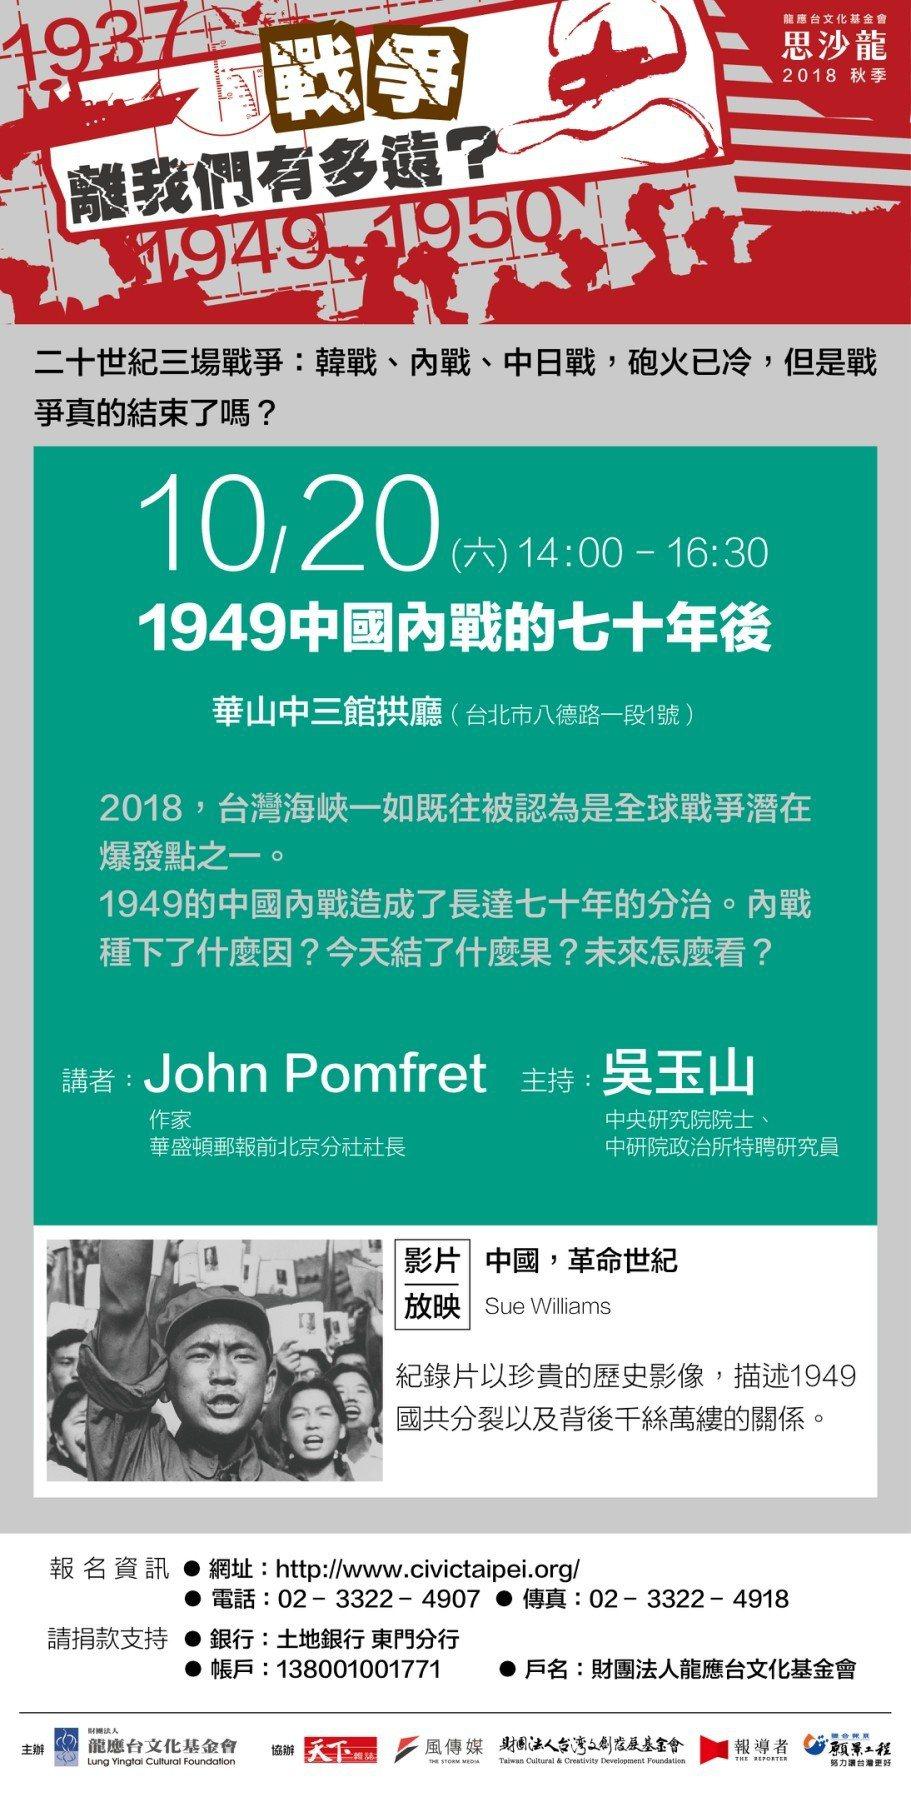 龍應台文化基金會今天下午舉辦「思沙龍」,以「1949中國內戰的70年後」為題,邀...